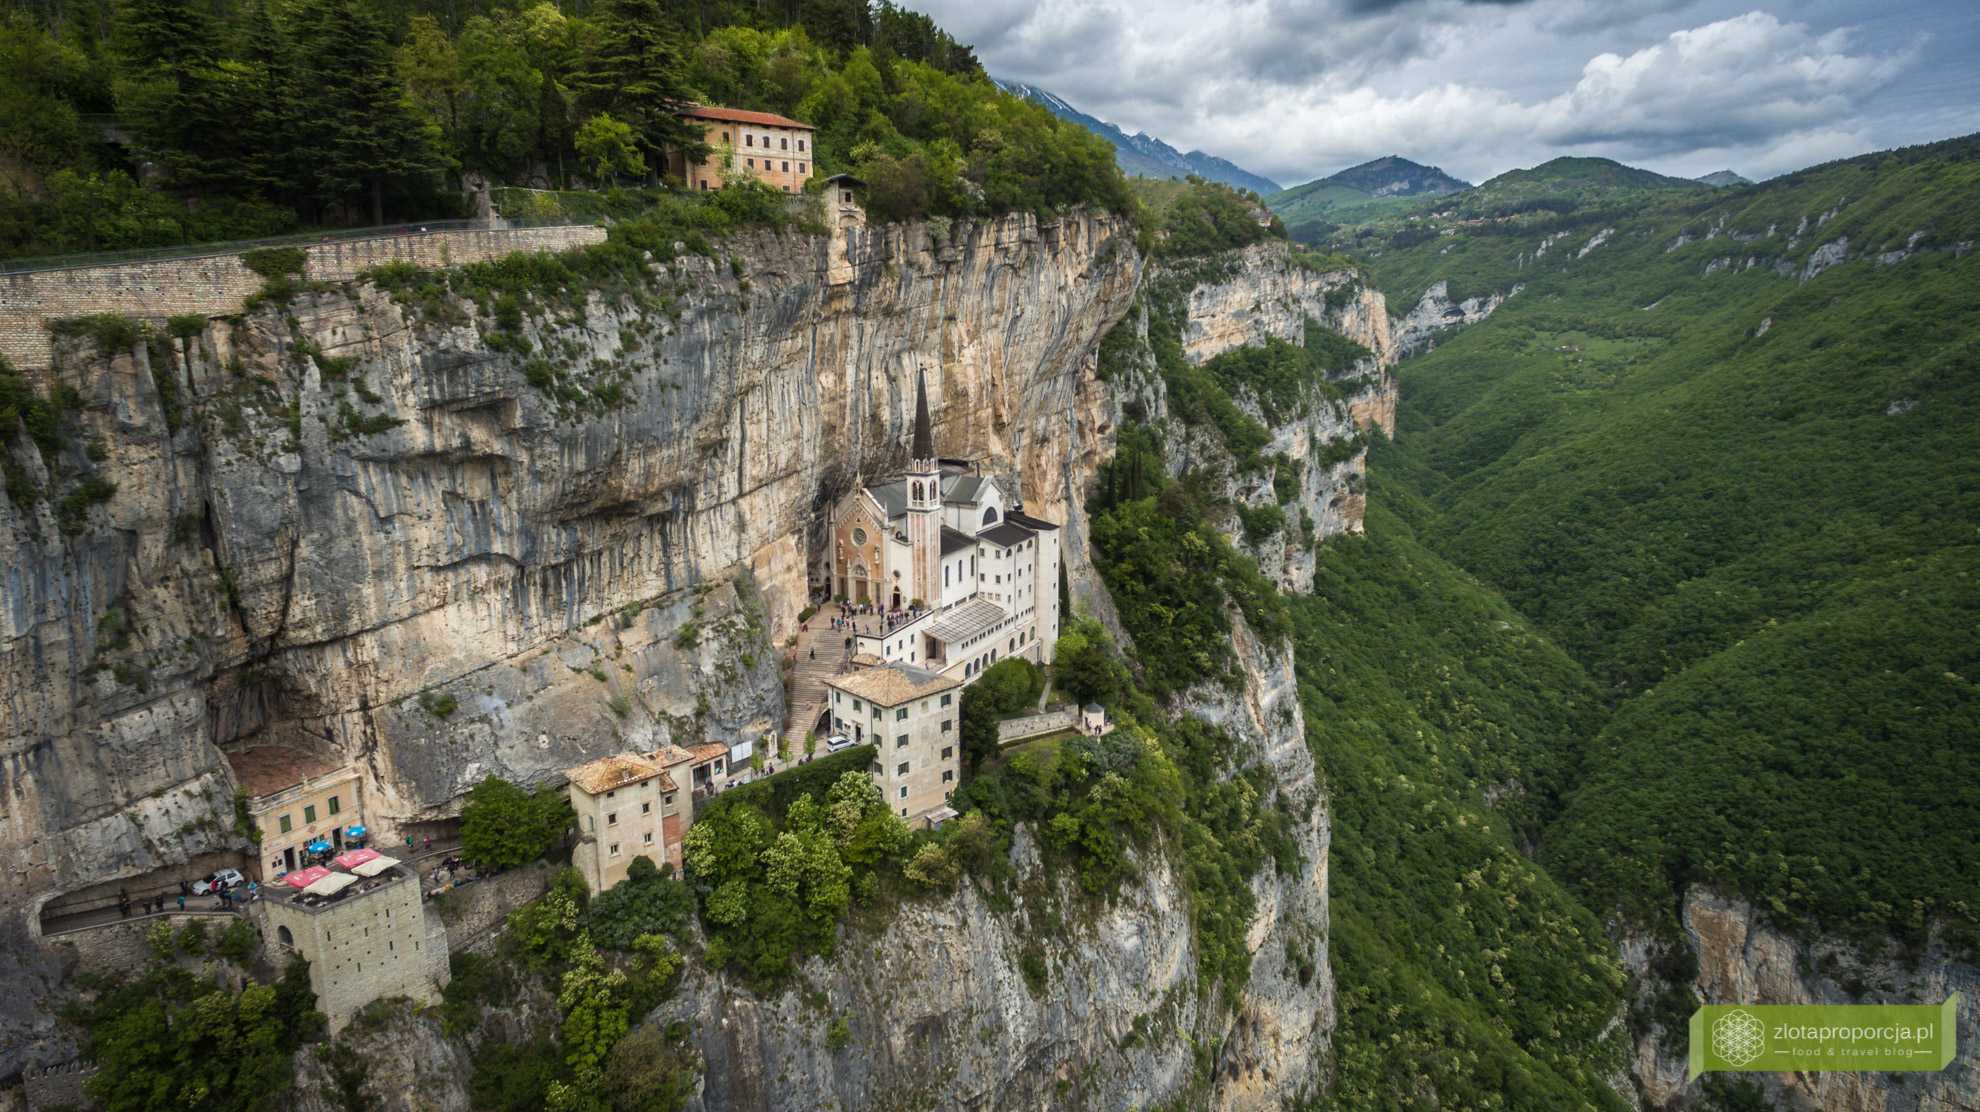 Sanktuarium Madonna della Corona, Spiazzi, okolice Werony, okolice Jeziora Garda, Wenecja Euganejska, atrakcje Włoch